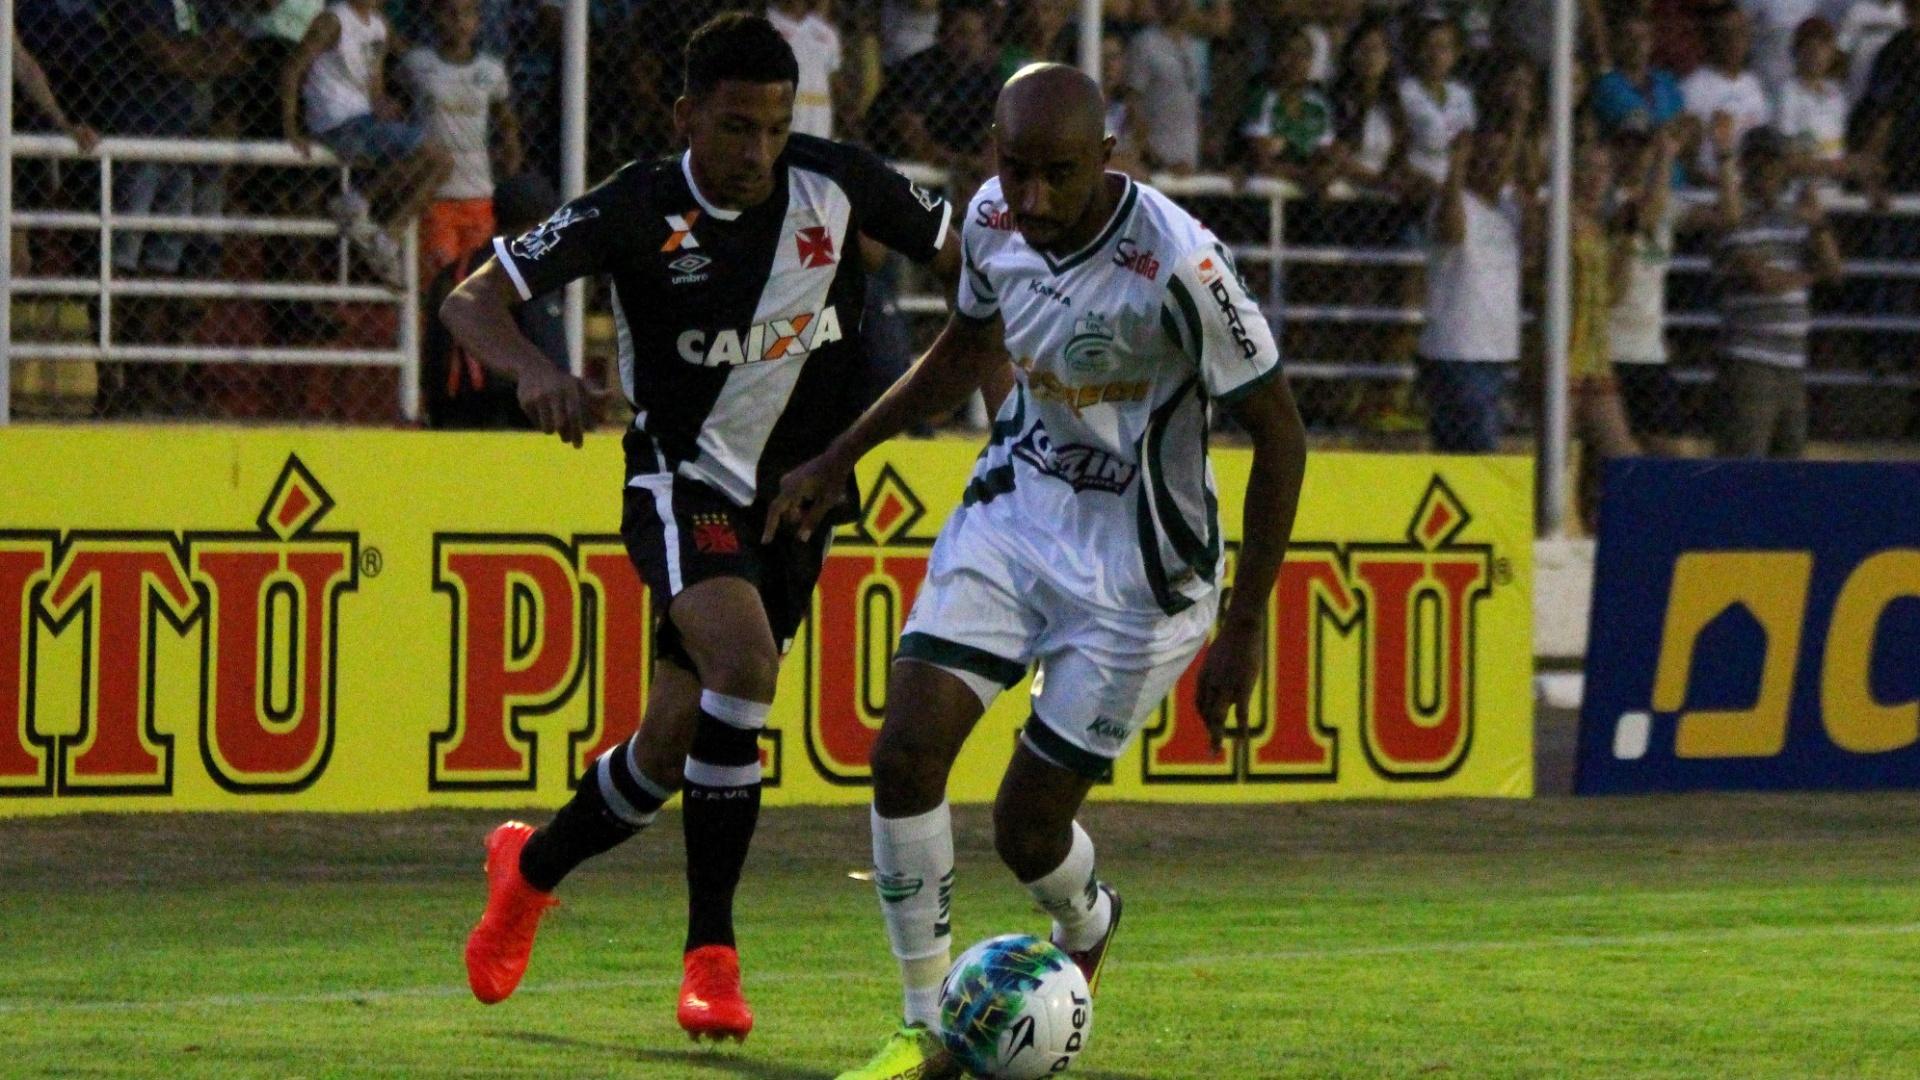 Paulinho conduz a bola na partida Luverdense x Vasco da Gama em Lucas do Rio Verde (MT)